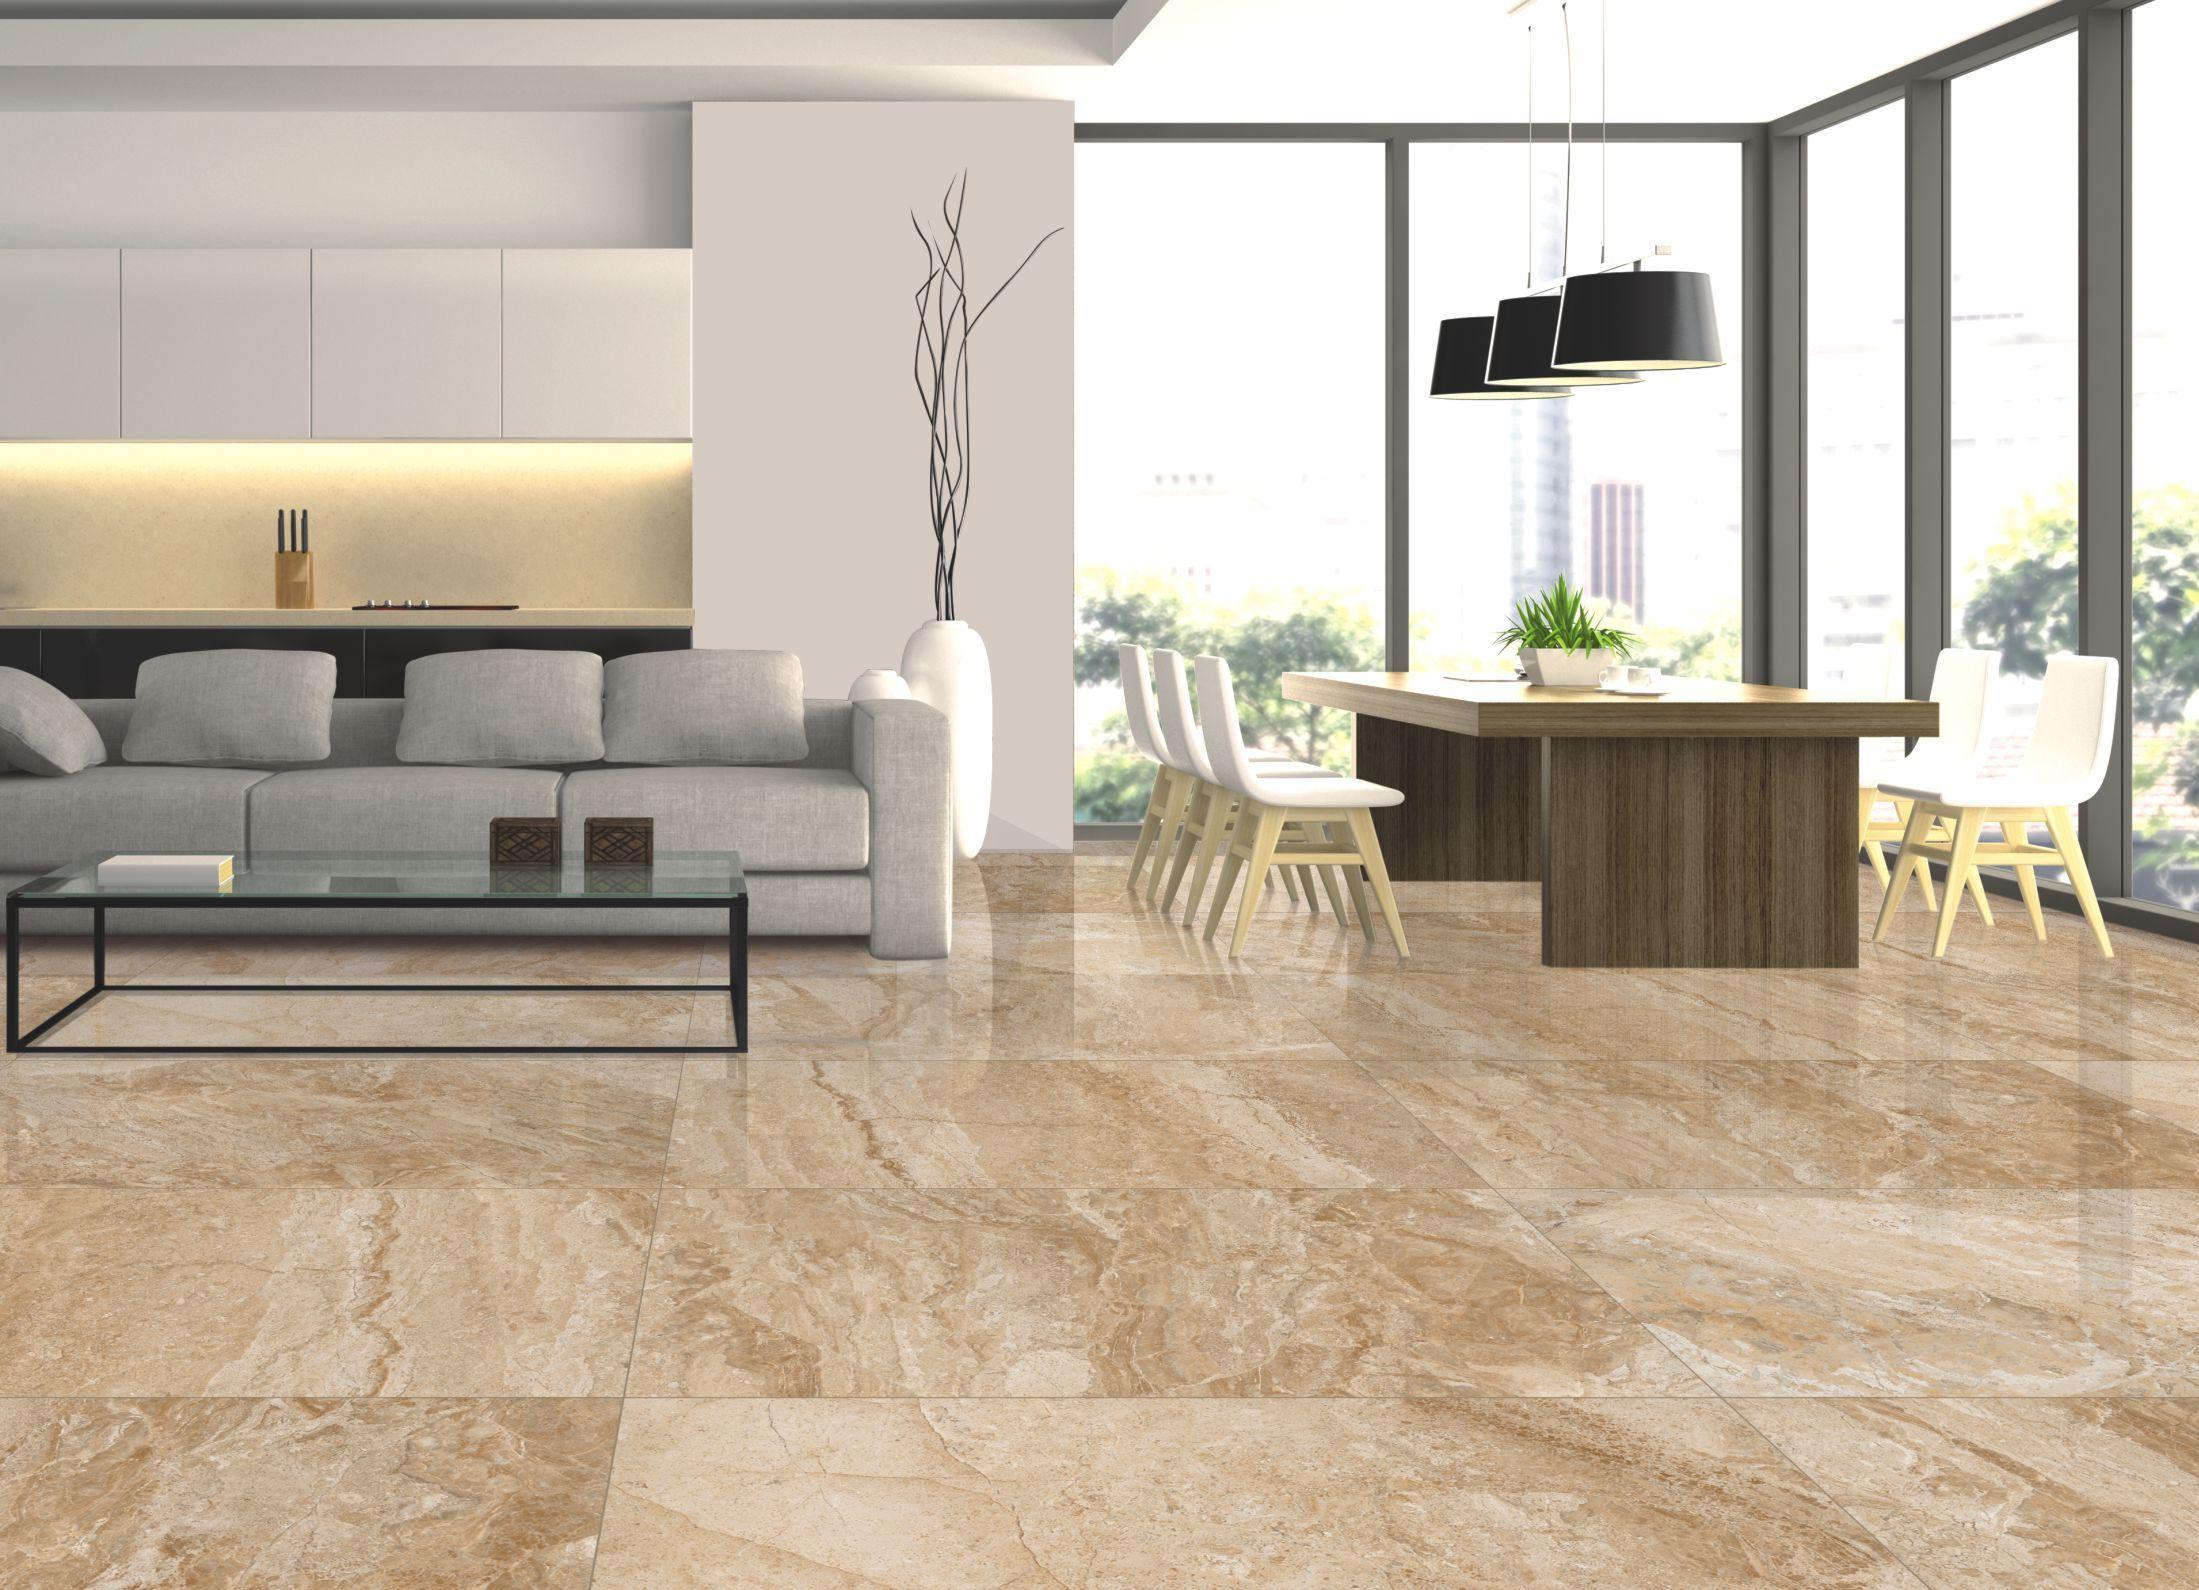 5 Tips For Choosing Porcelain Tiles By Lavish Ceramics Tiles Porcelain Tile Tile Manufacturers